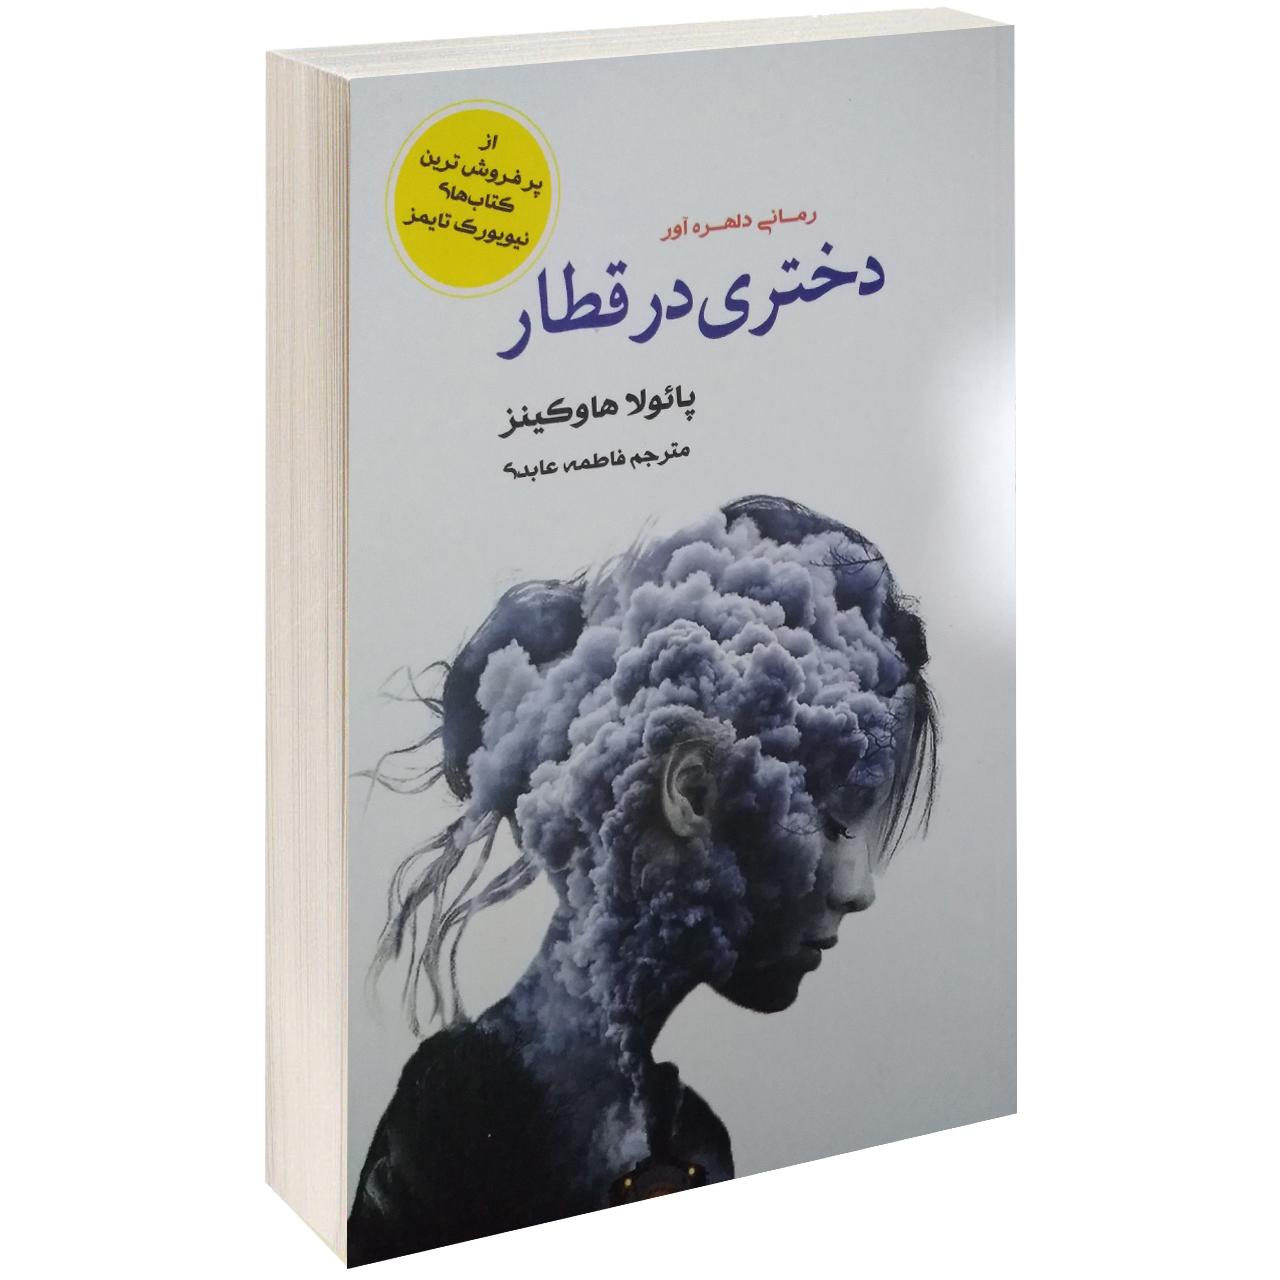 خرید                      کتاب دختری در قطار اثر پائولا هاوکینز